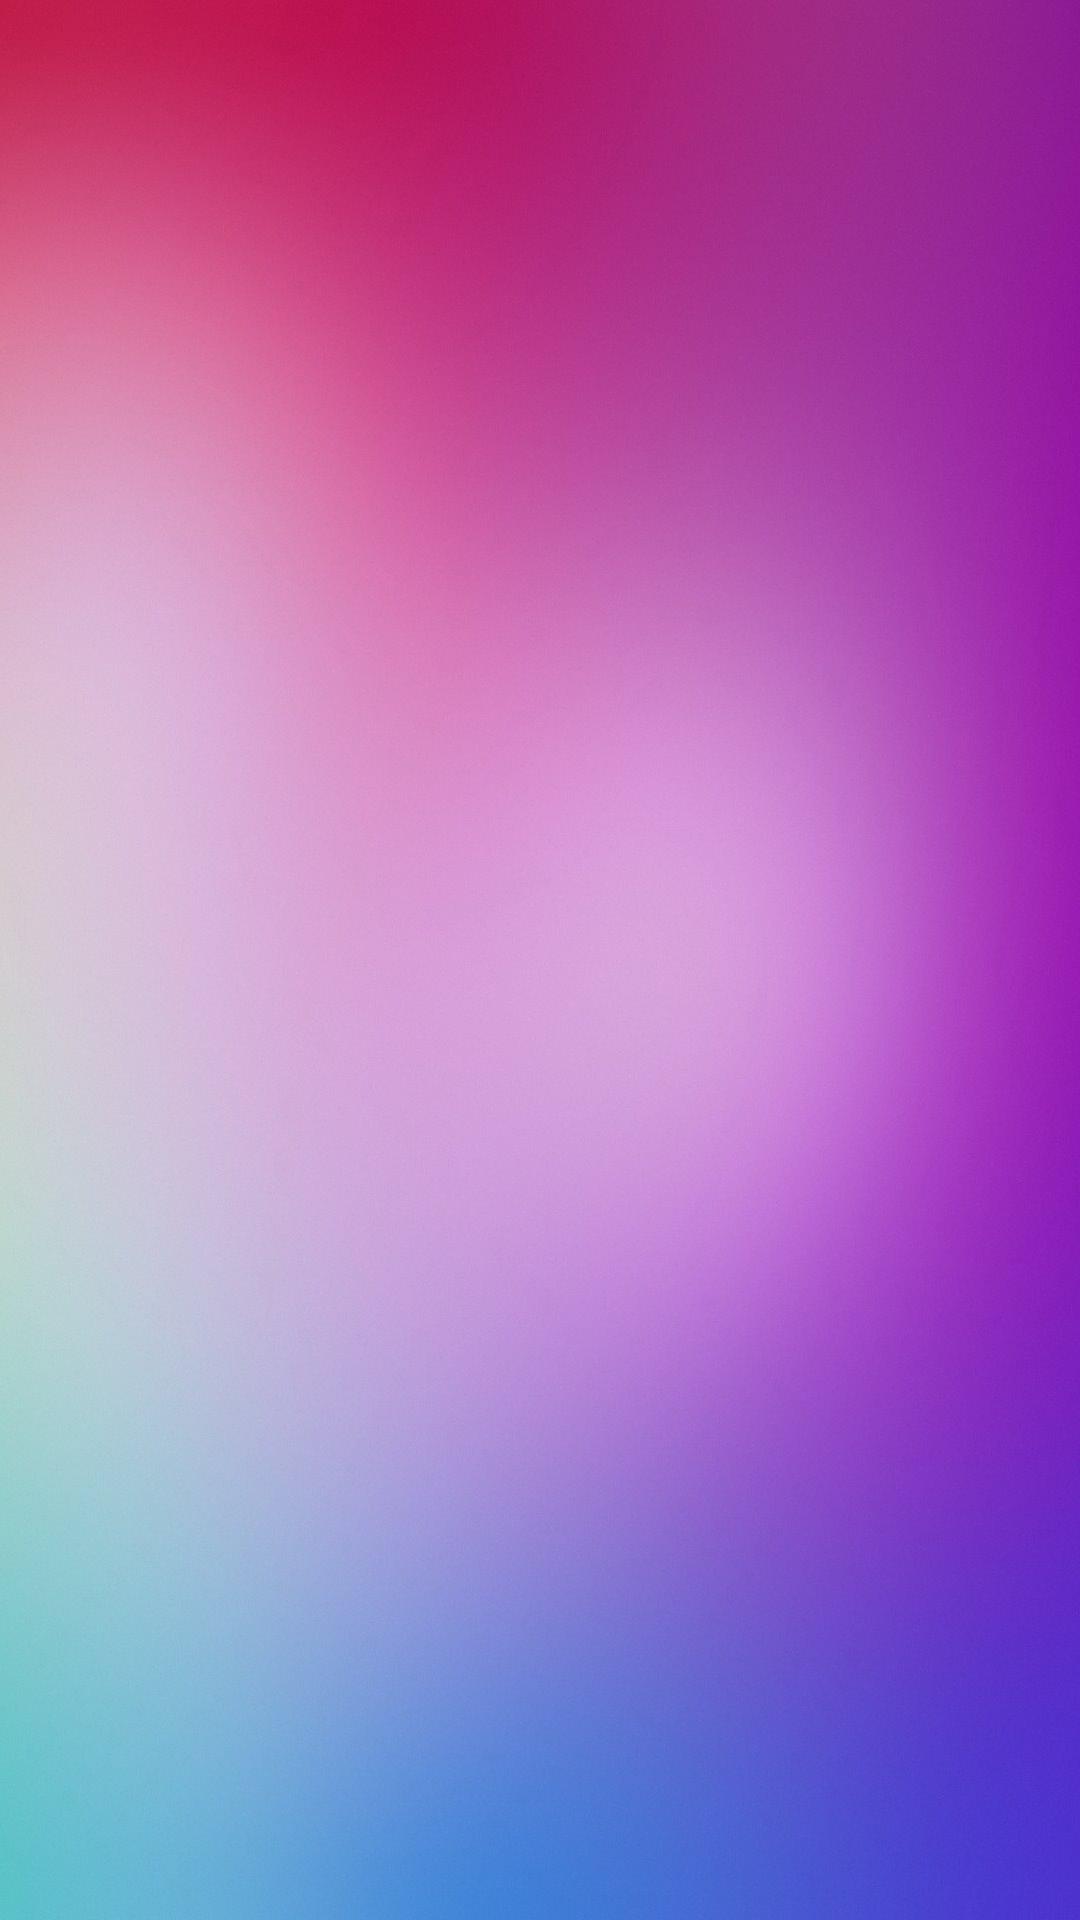 iPhone 8 Plus,7 Plus,6s Plus 壁紙 wallpaper 0426